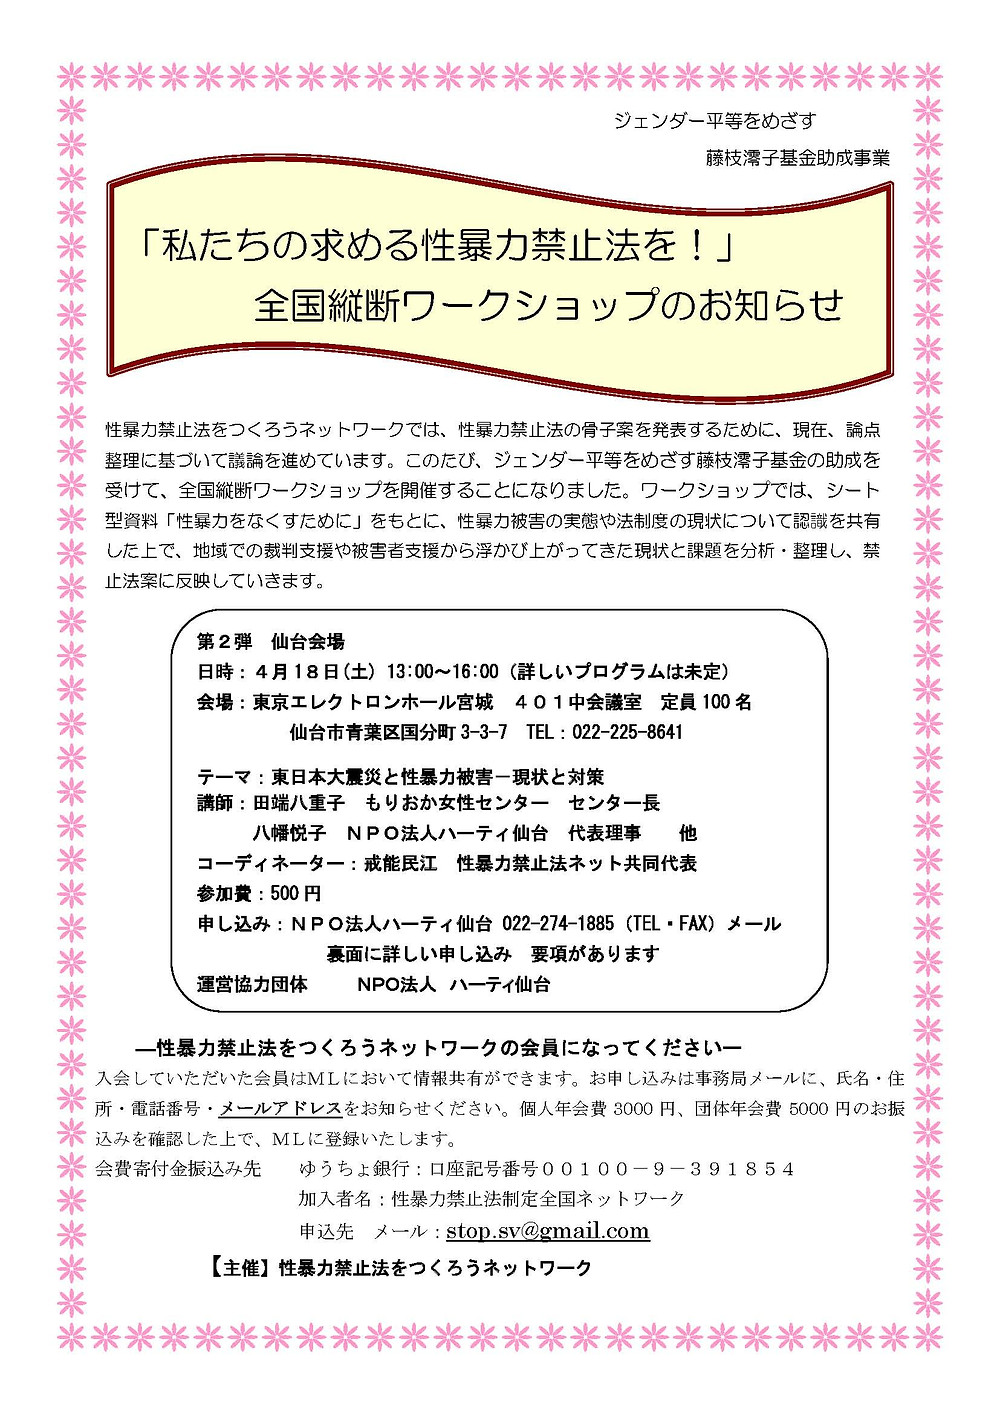 性暴力禁止法 仙台ワークチラシ _ページ_1.jpg